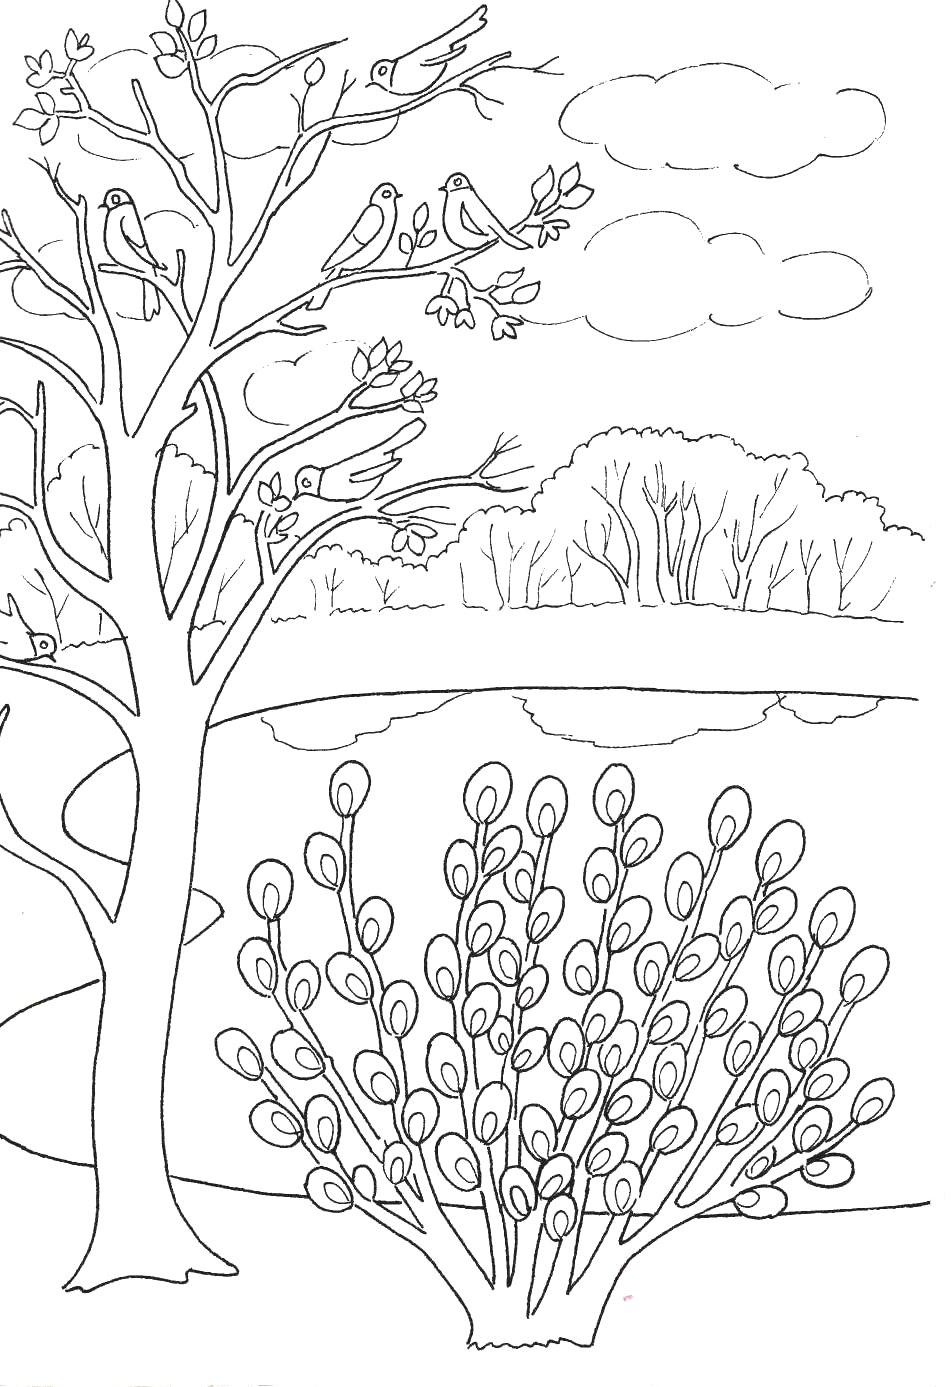 РАЗВИТИЕ РЕБЕНКА: Весна - Раскраска